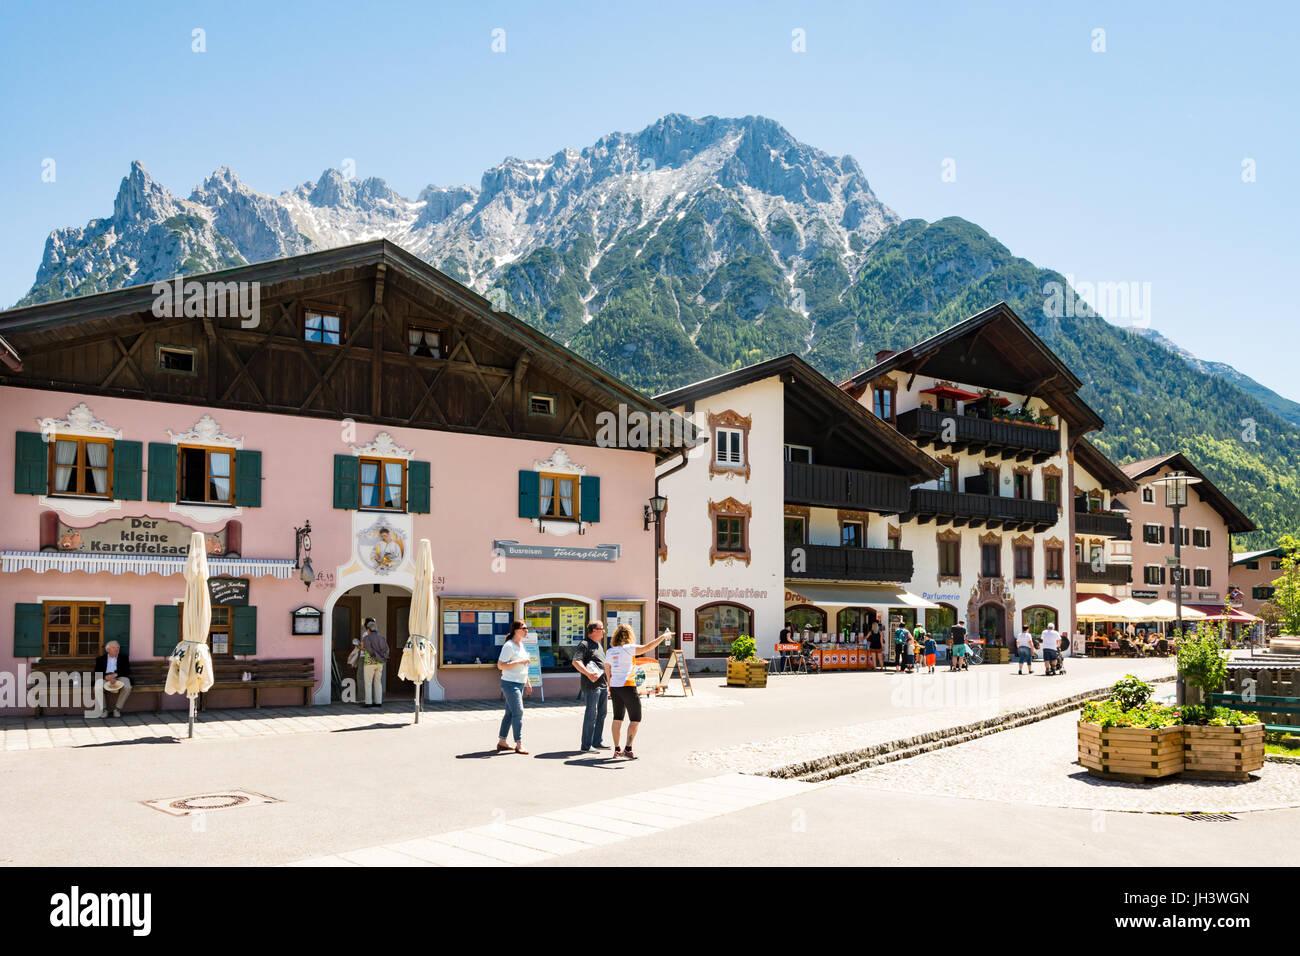 MITTENWALD, Alemania - 27 de mayo: Los turistas en el casco histórico de la ciudad de Mittenwald, Alemania Imagen De Stock